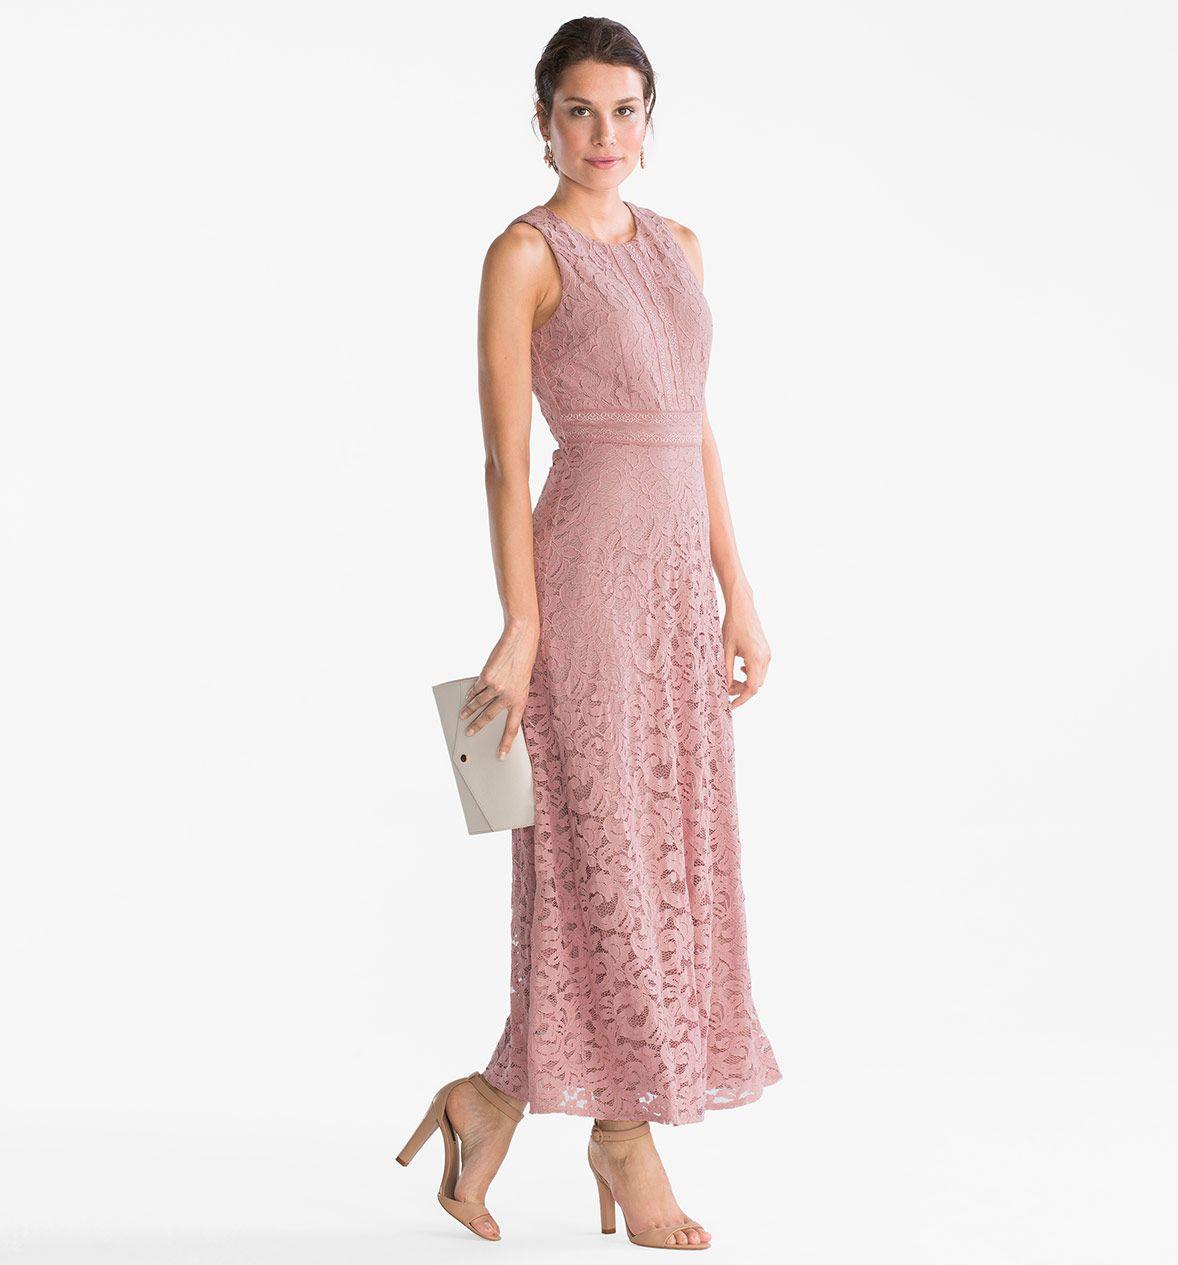 Pin de Marga del Real en vestidos | Pinterest | Boda y Vestiditos